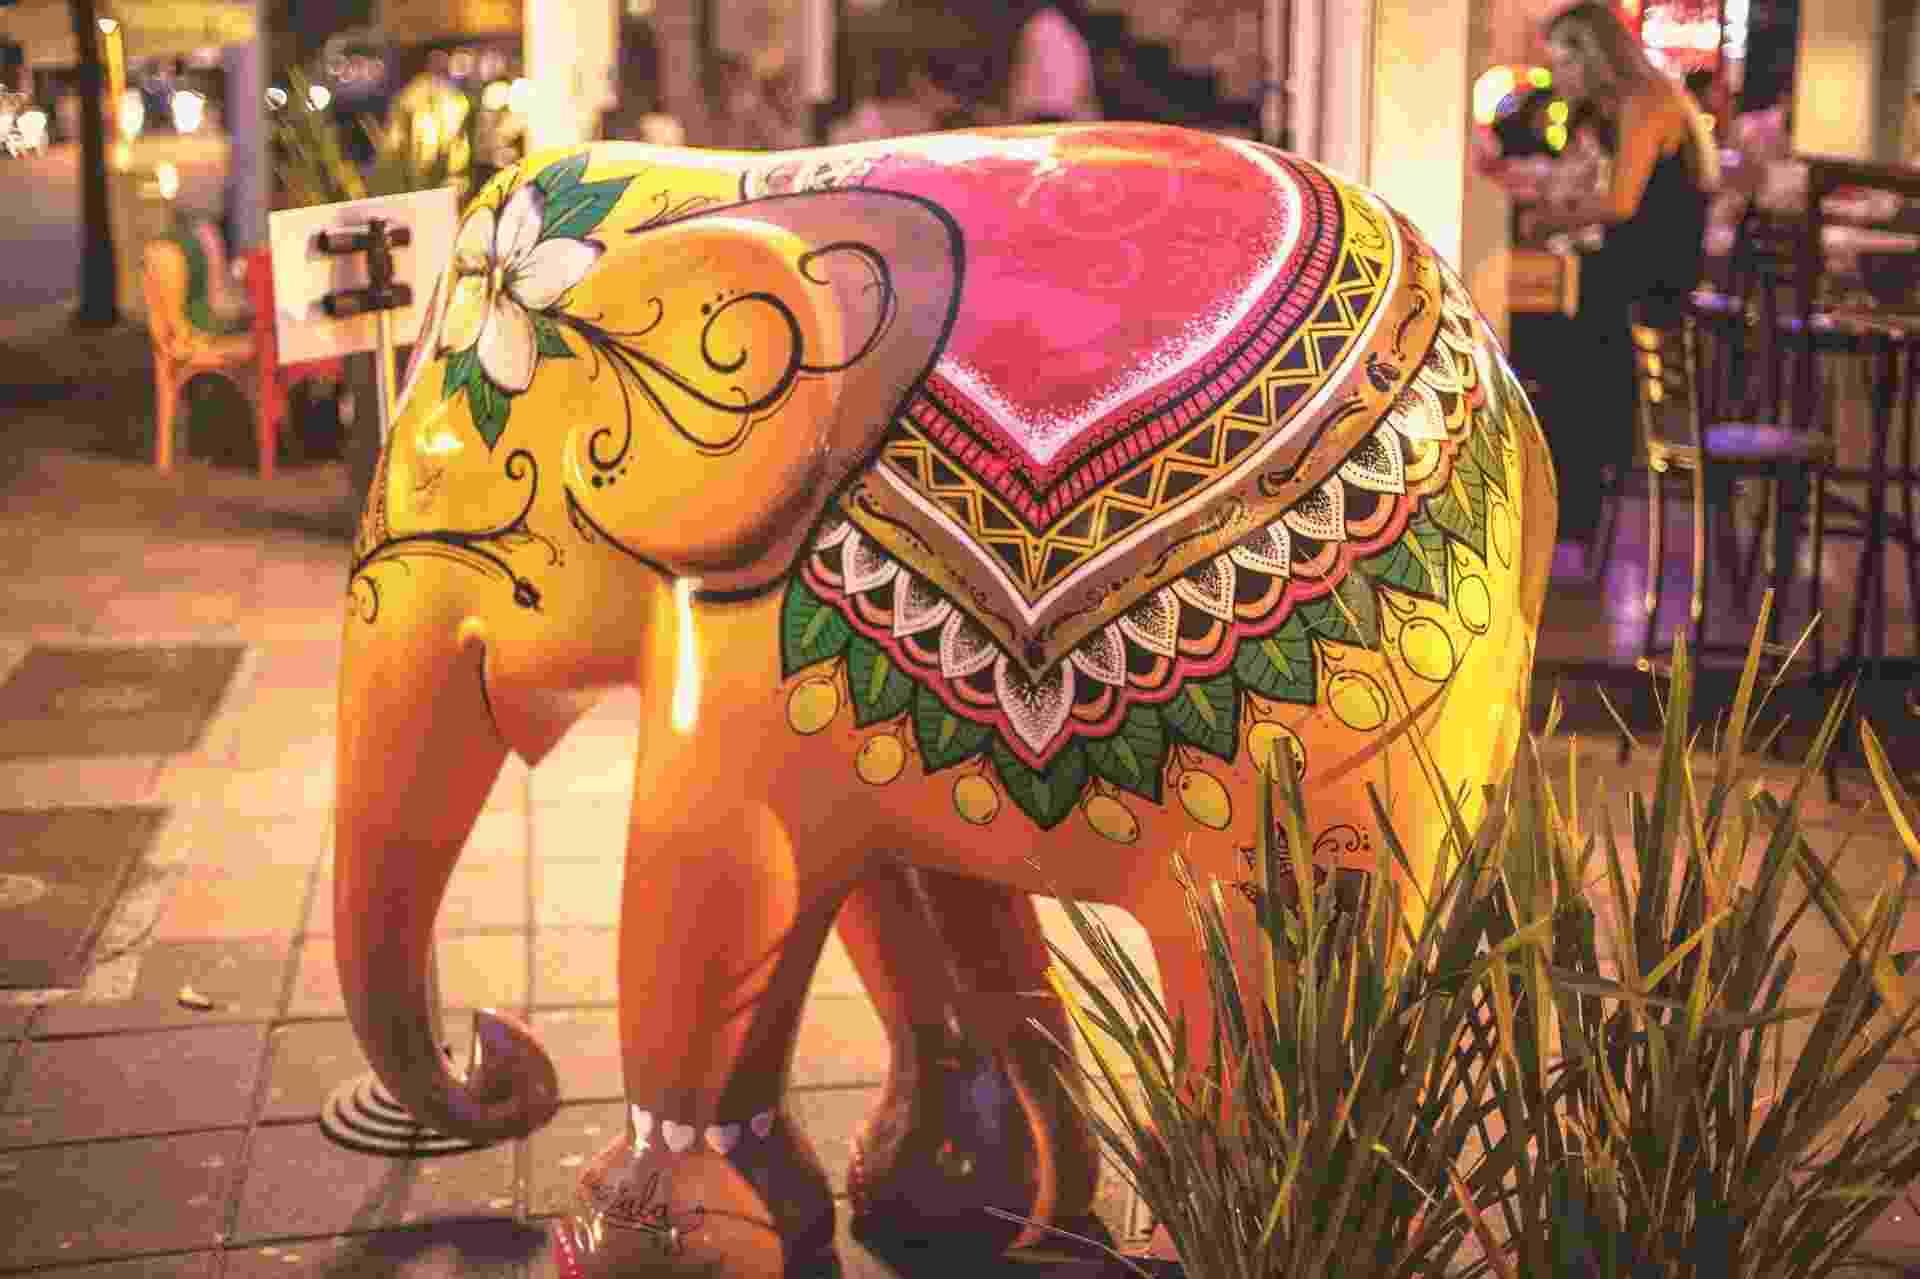 Elefante Joaquina - Elephant Parade Floripa 2016 - Divulgação